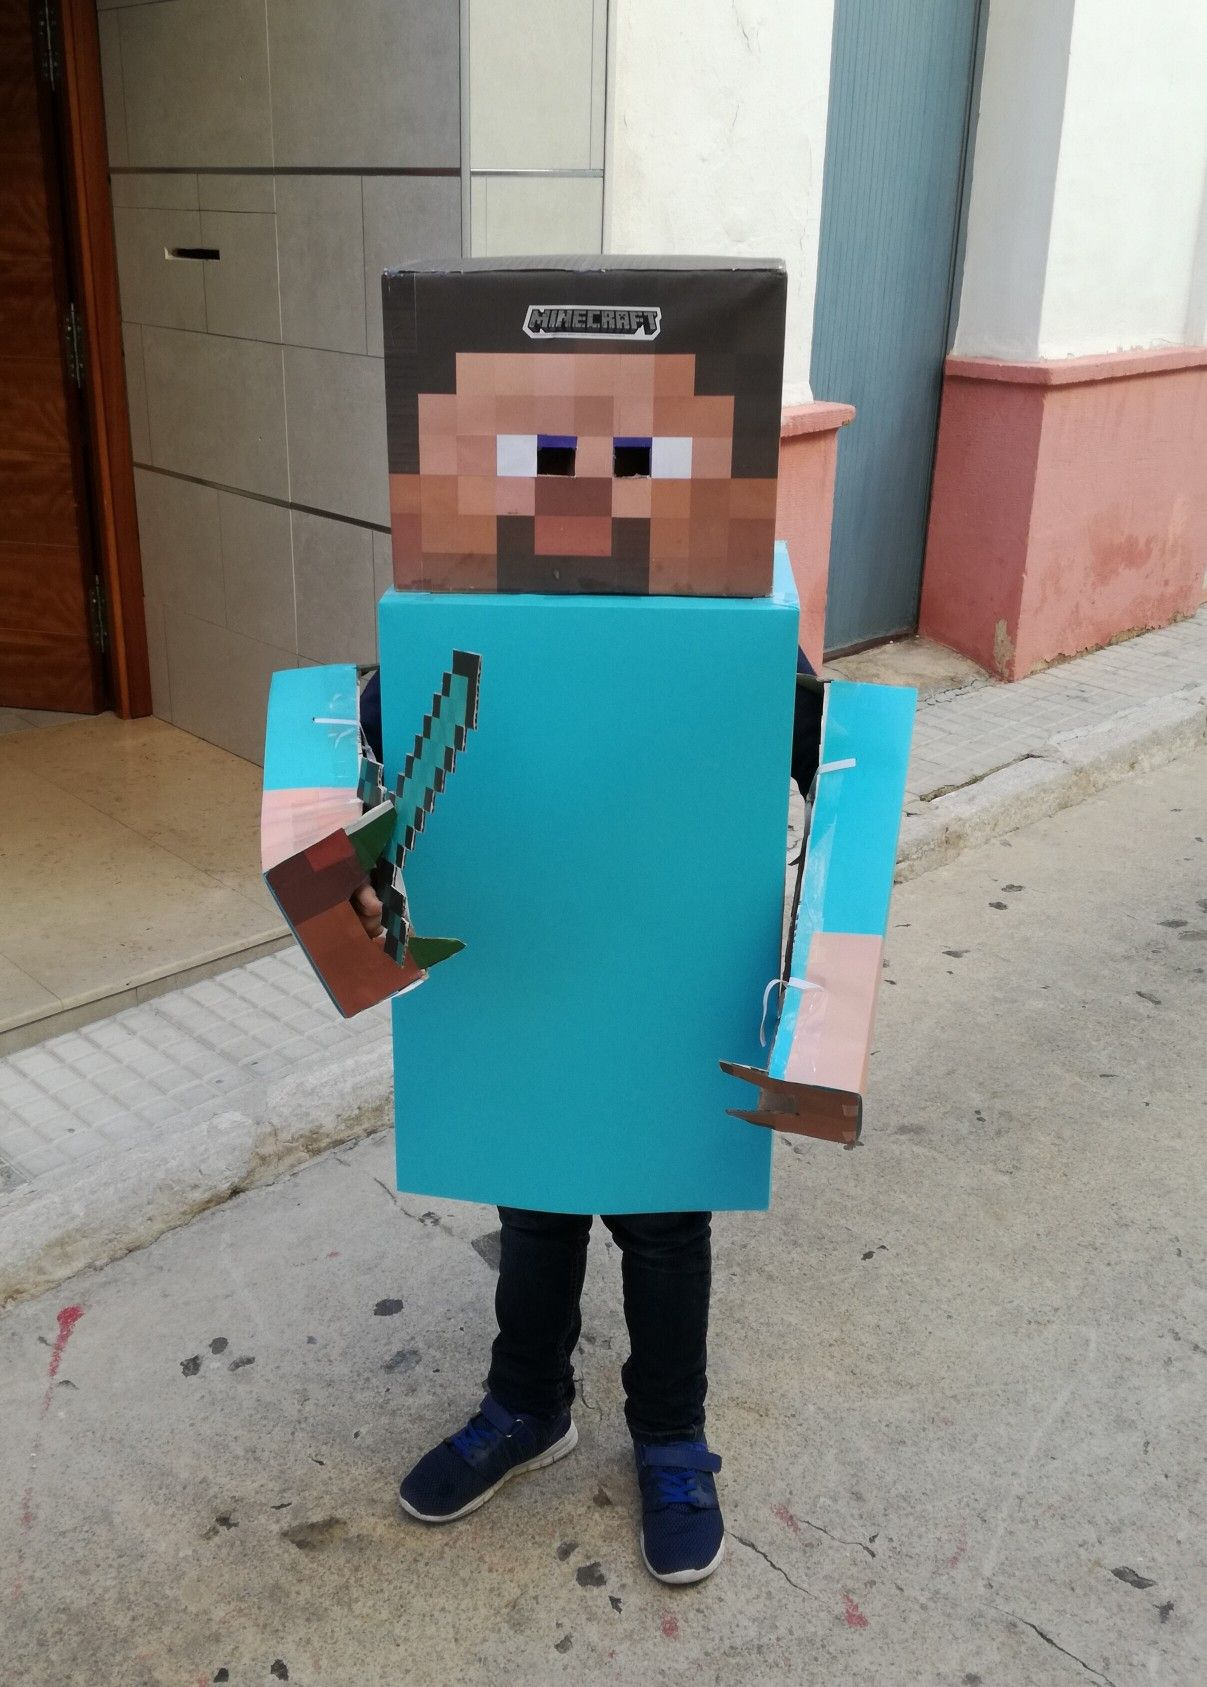 Disfraz Minecraft Casero Disfraz Hecho Con Carton Hacer Disfraces Disfraces Ninos